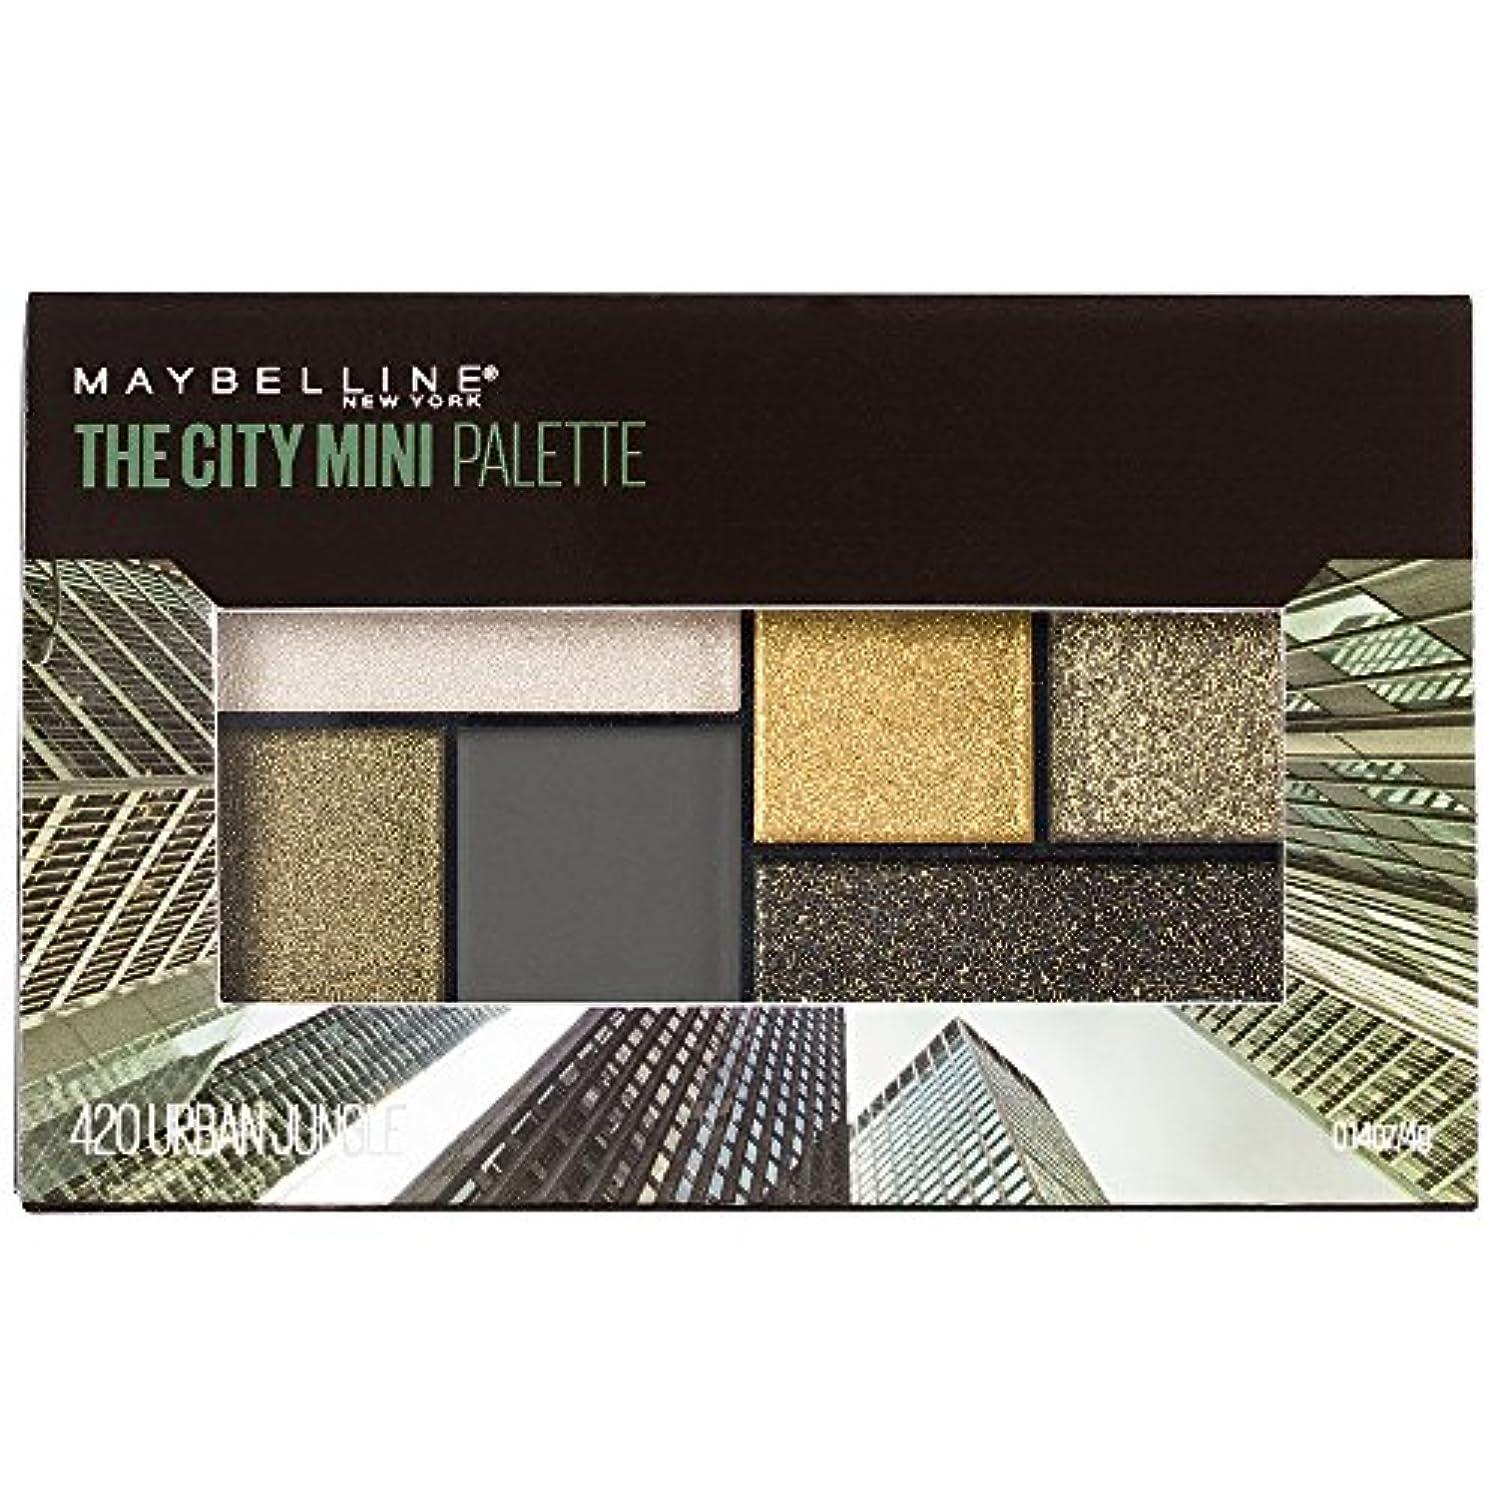 共和国うねる内側MAYBELLINE The City Mini Palette - Urban Jungle (並行輸入品)